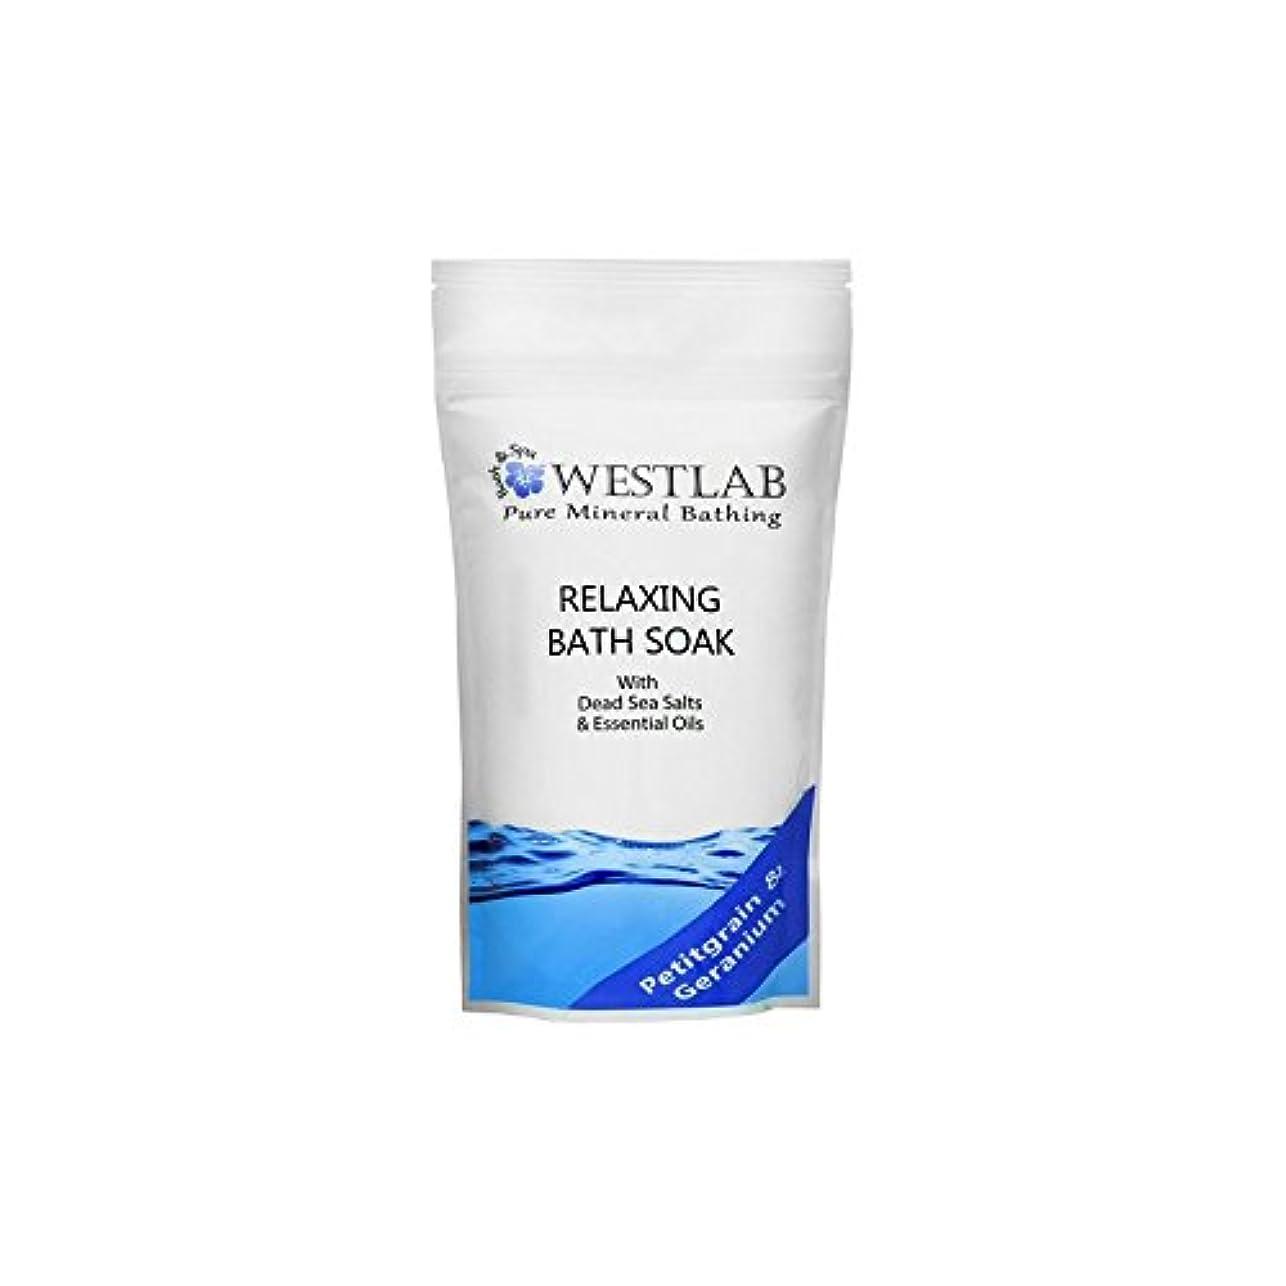 プライム武装解除ジョージエリオット死海の塩浴浸漬(500グラム)をリラックス x2 - Westlab Relax Dead Sea Salt Bath Soak (500g) (Pack of 2) [並行輸入品]